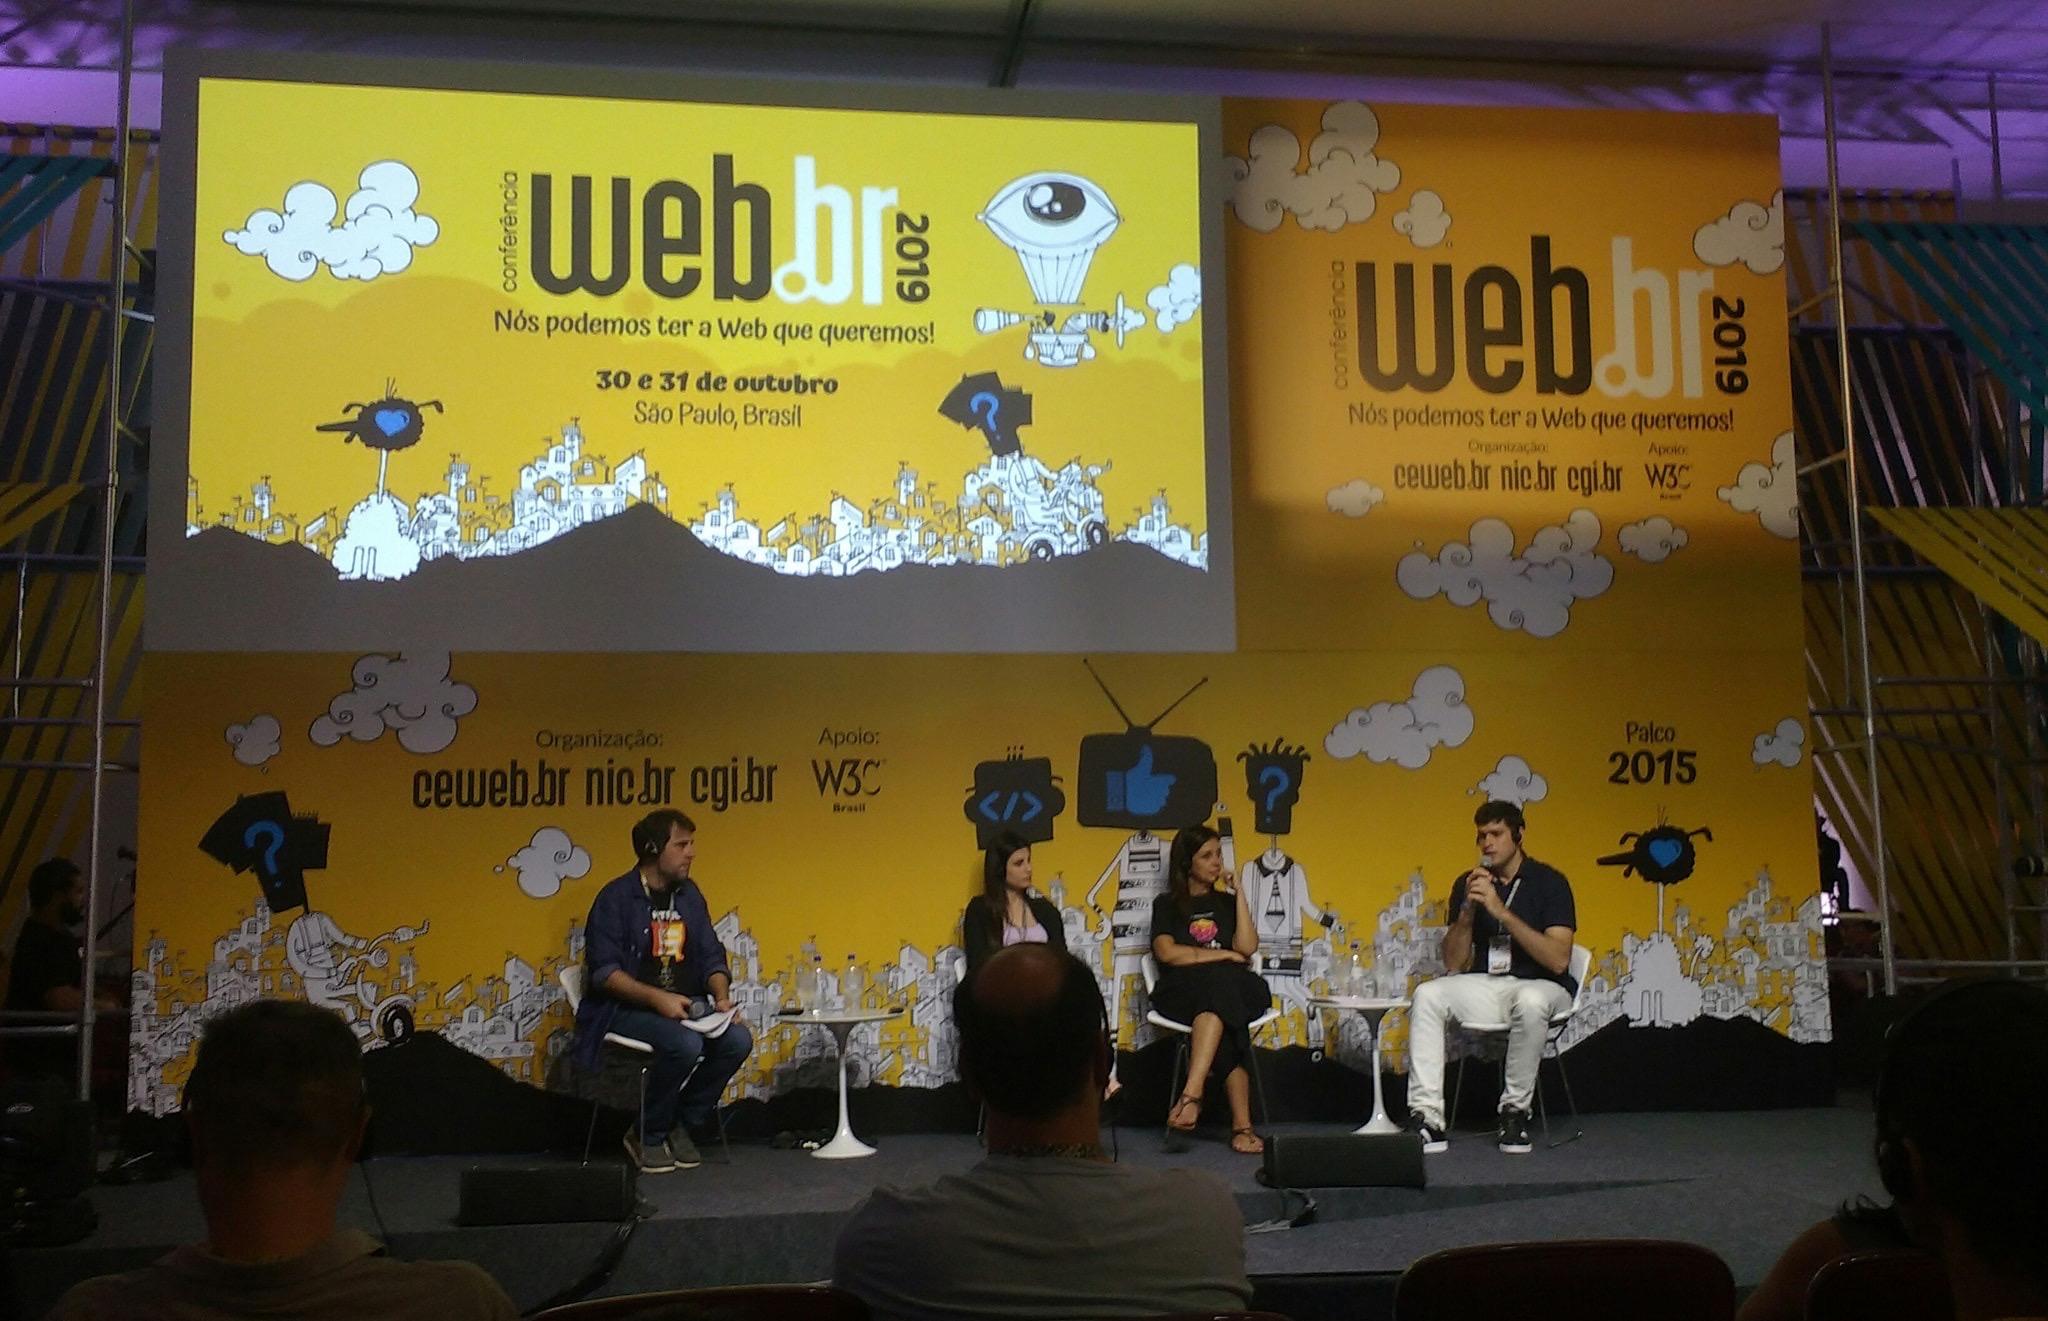 Palco do evento webbr com os palestrantes sentados em frente ao telão